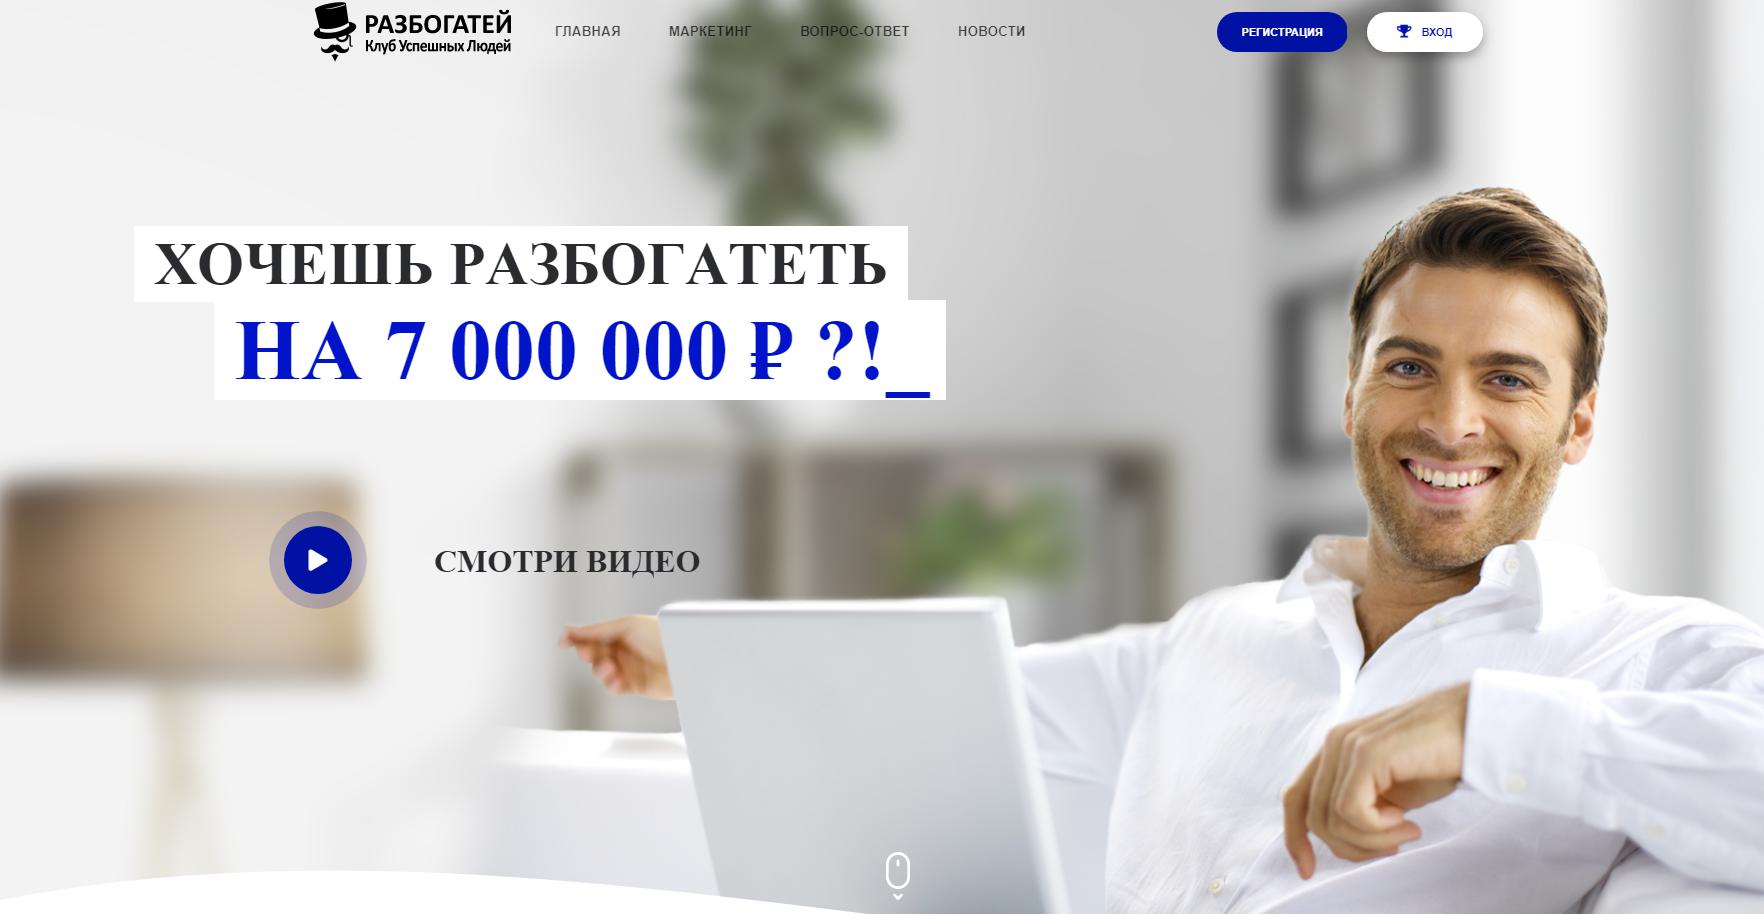 """Скрипт пирамиды (млм) """"Клуб Разбогатей"""" 2018"""